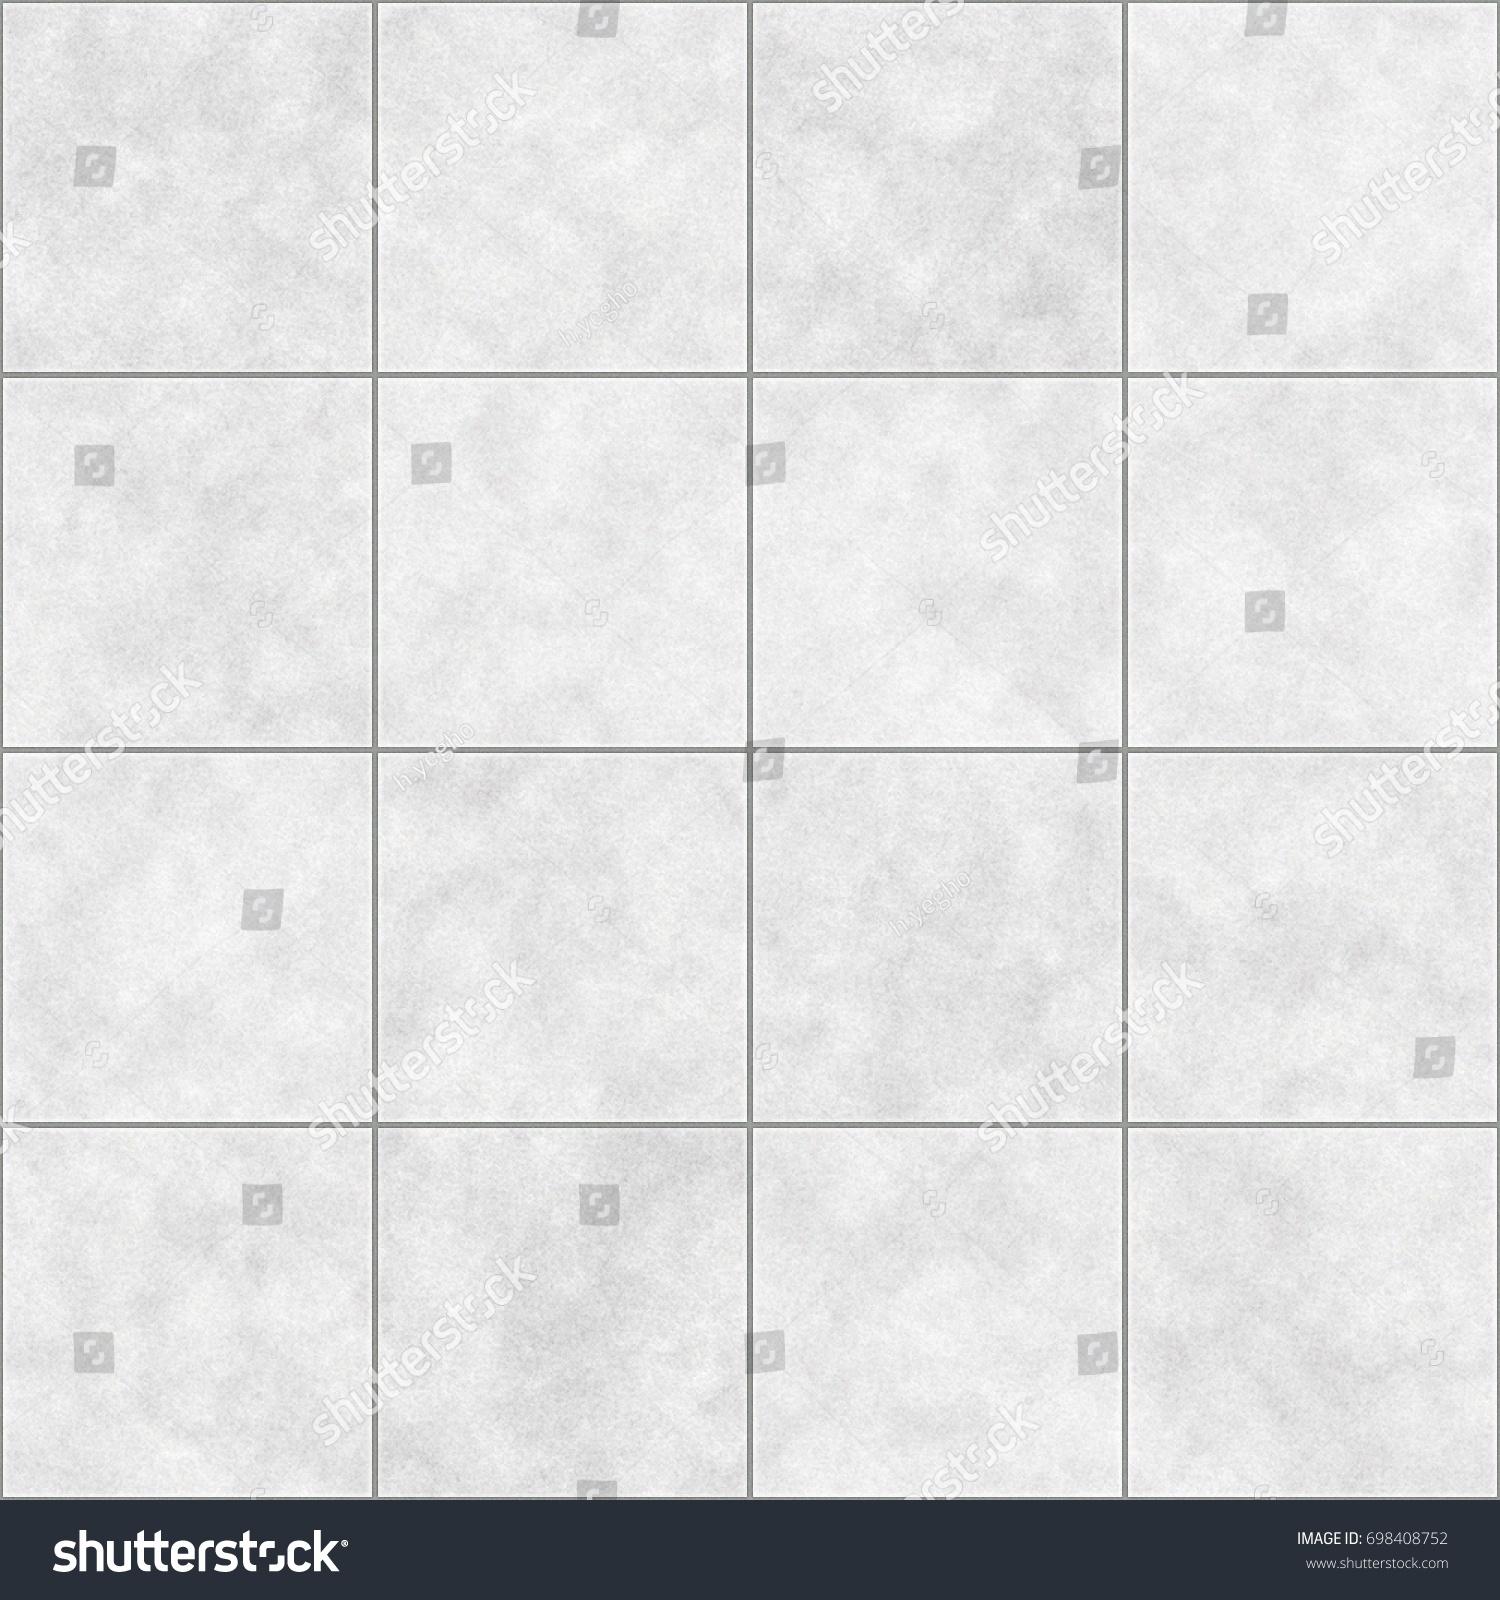 Bathroom Tiles Texture Stock Photo (Edit Now) 698408752 - Shutterstock